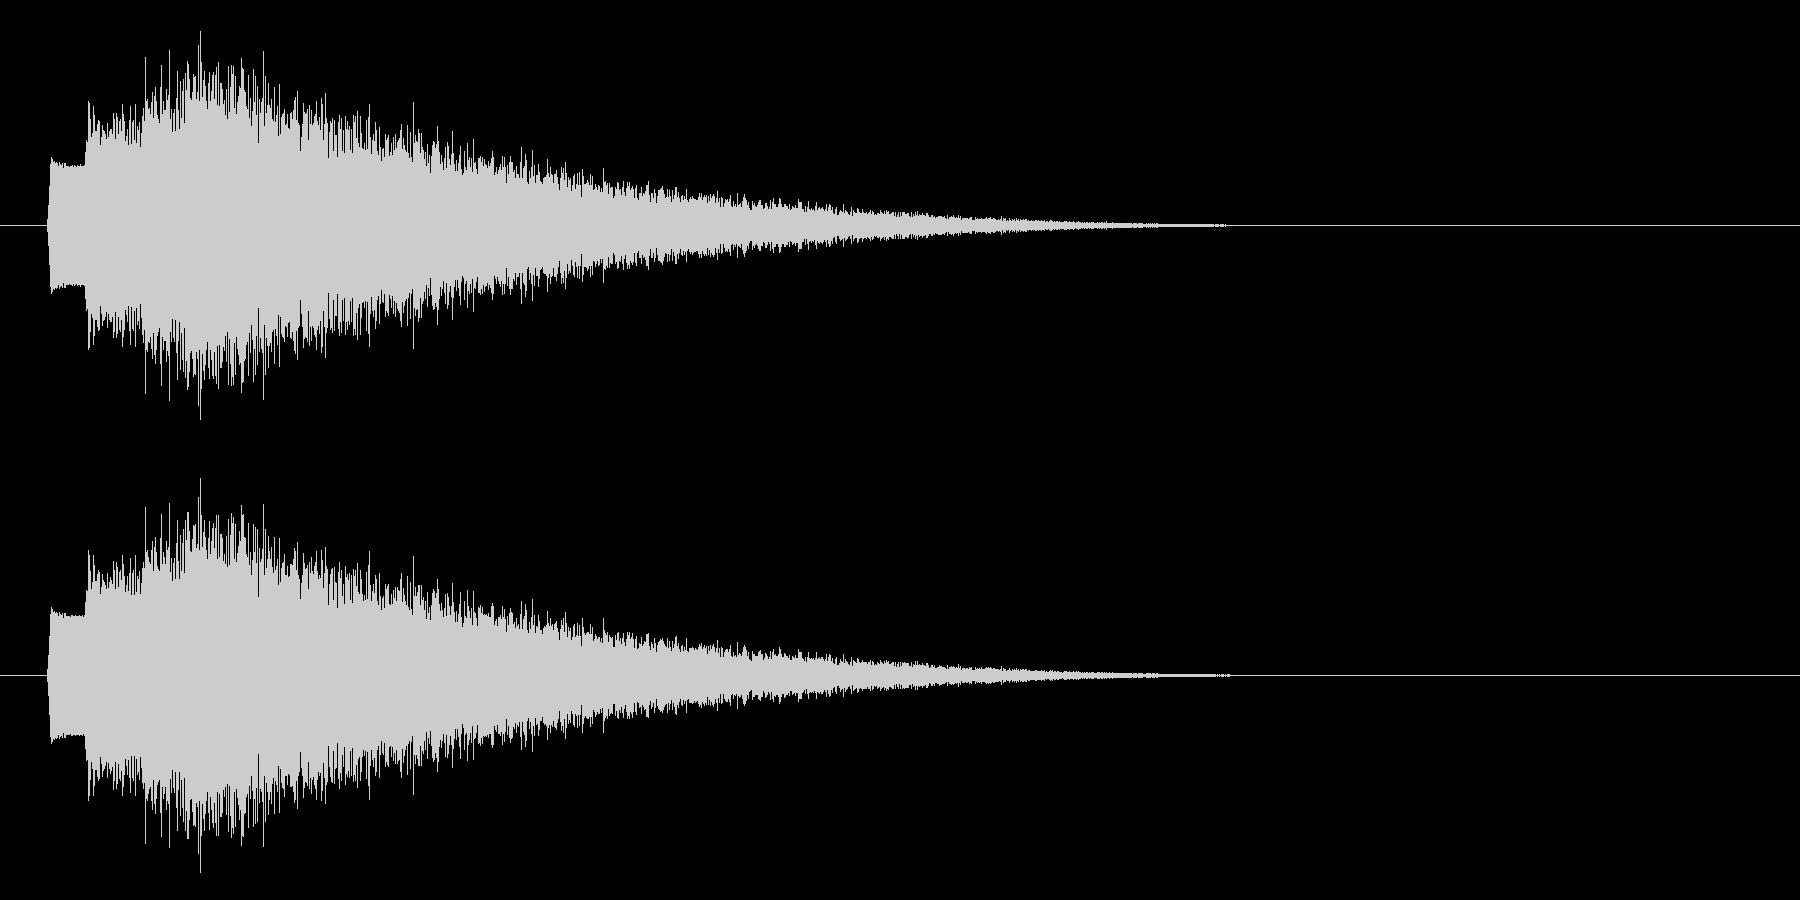 キラキラ/ファンタジー/スタート音の未再生の波形